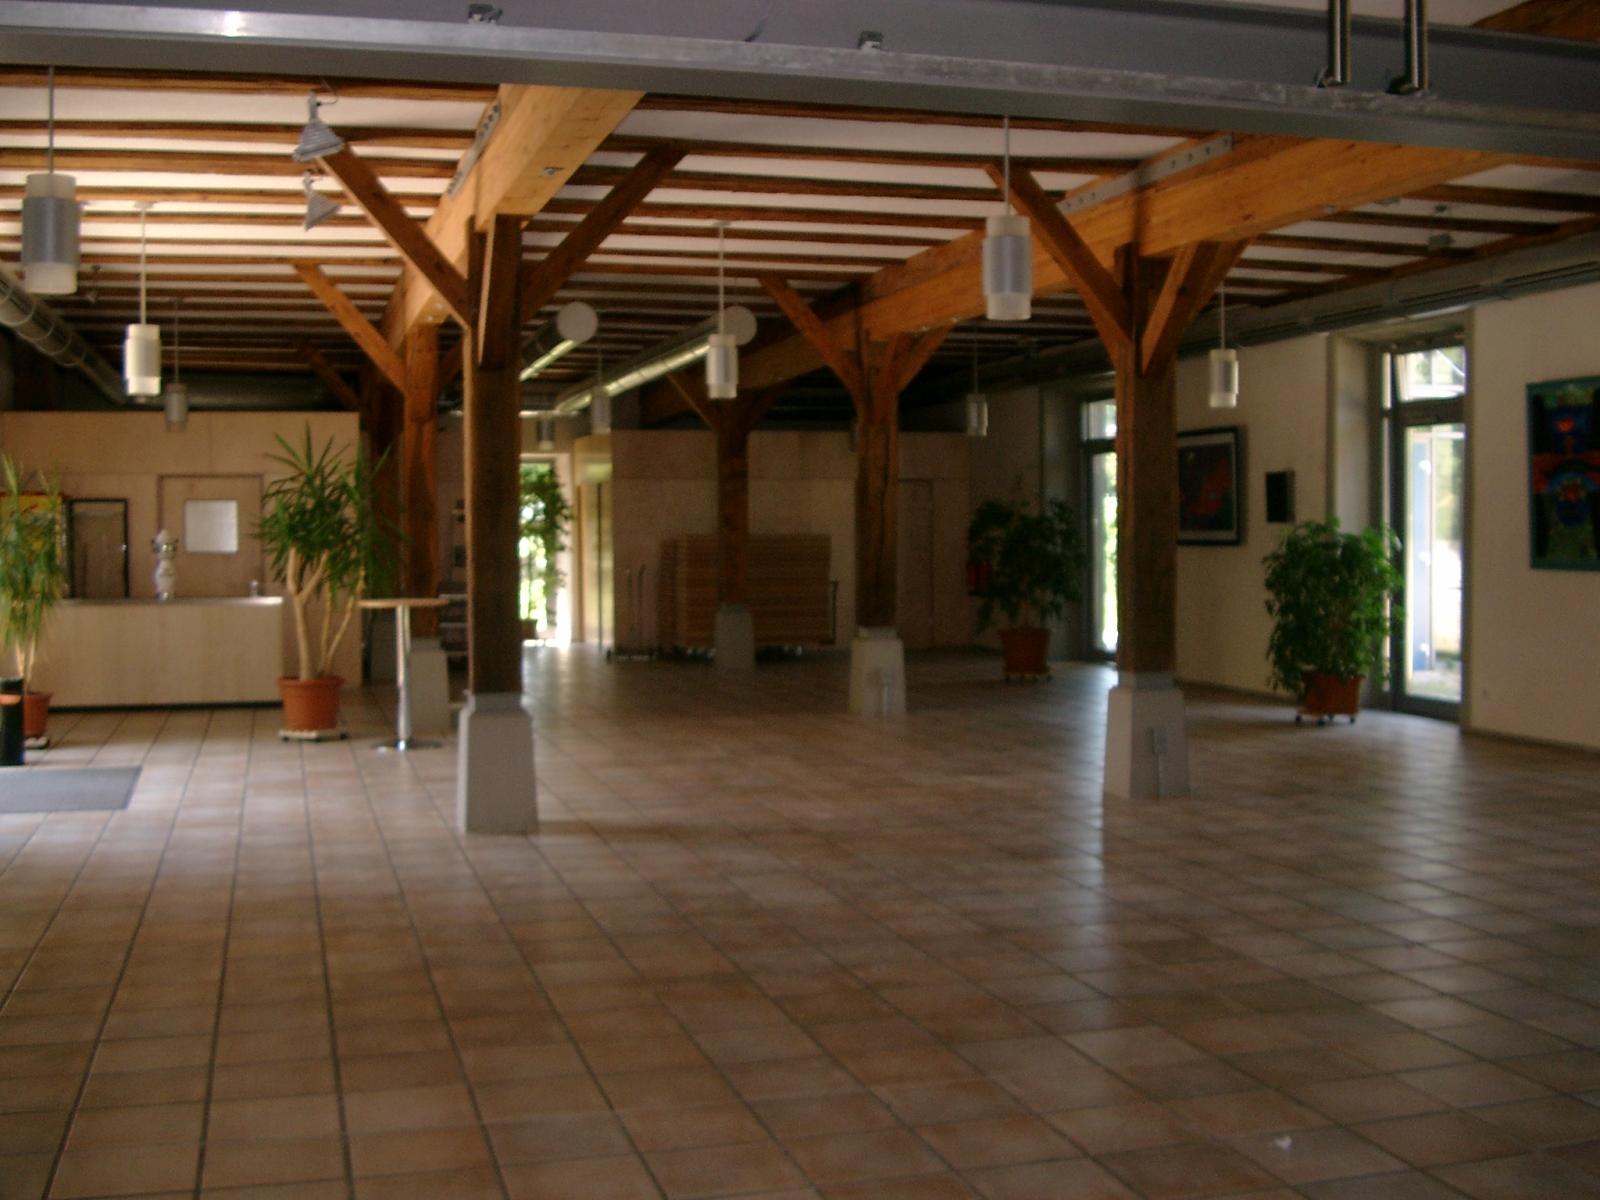 Bürgerhaus Hirrlingen großer Saal im Erdgeschoss mit Blick auf Thekenbereich